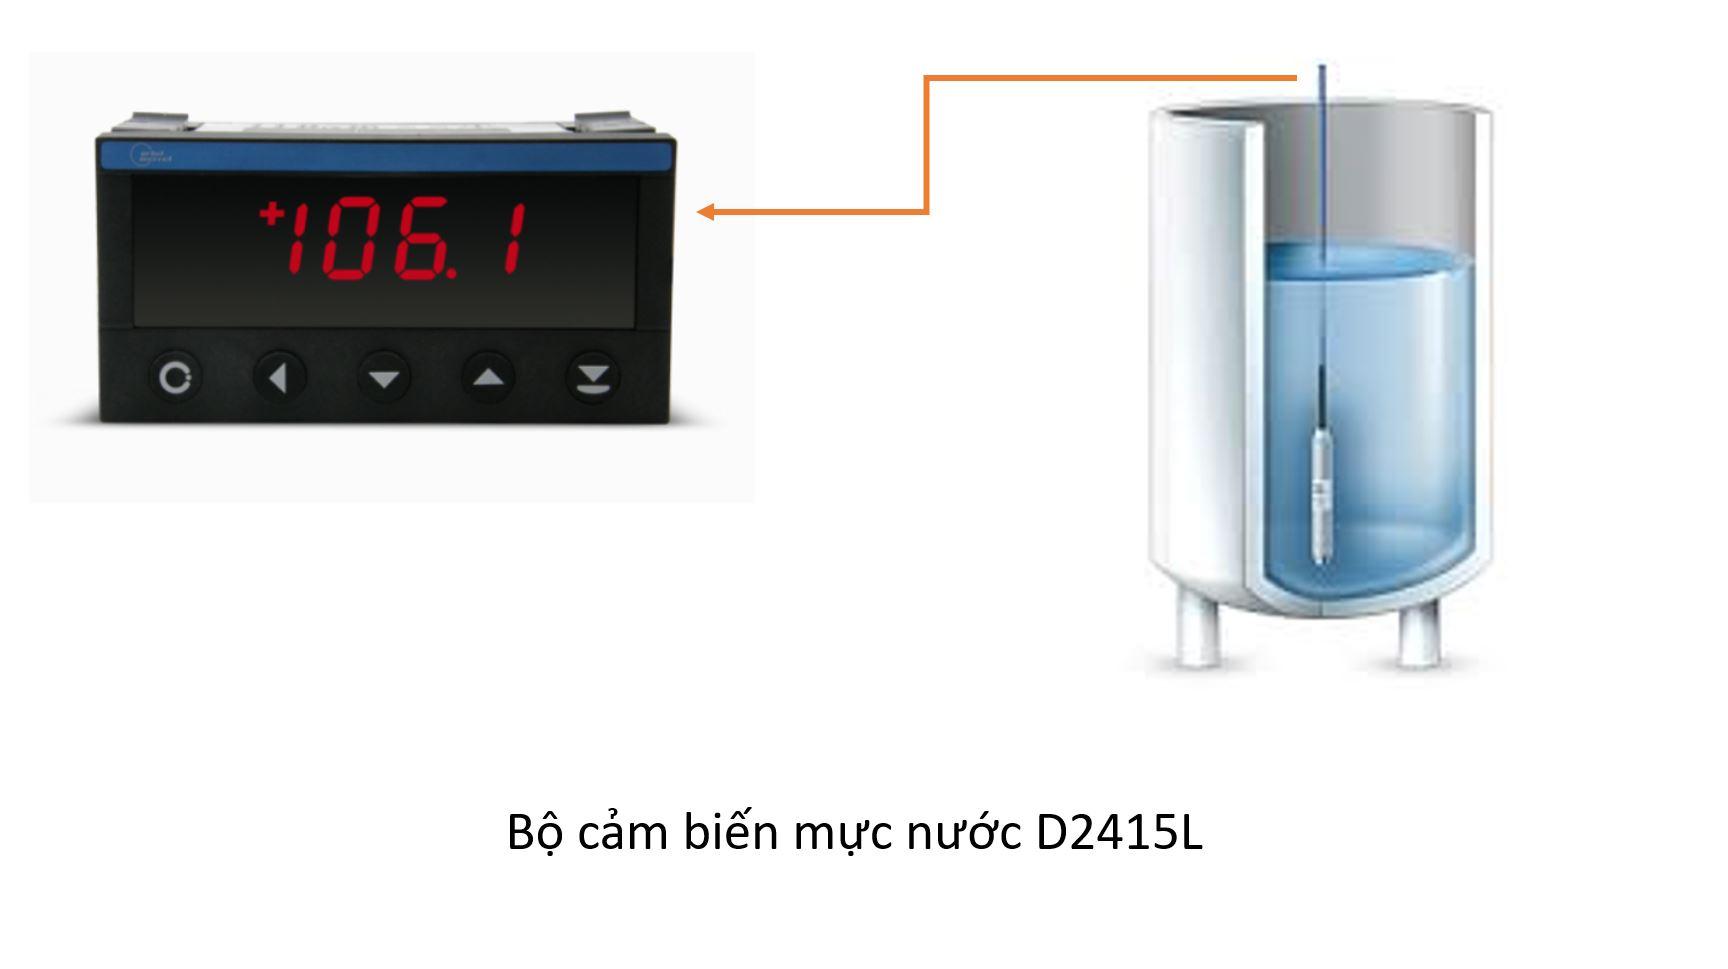 Bộ hiển thị mực nước OM352UNI